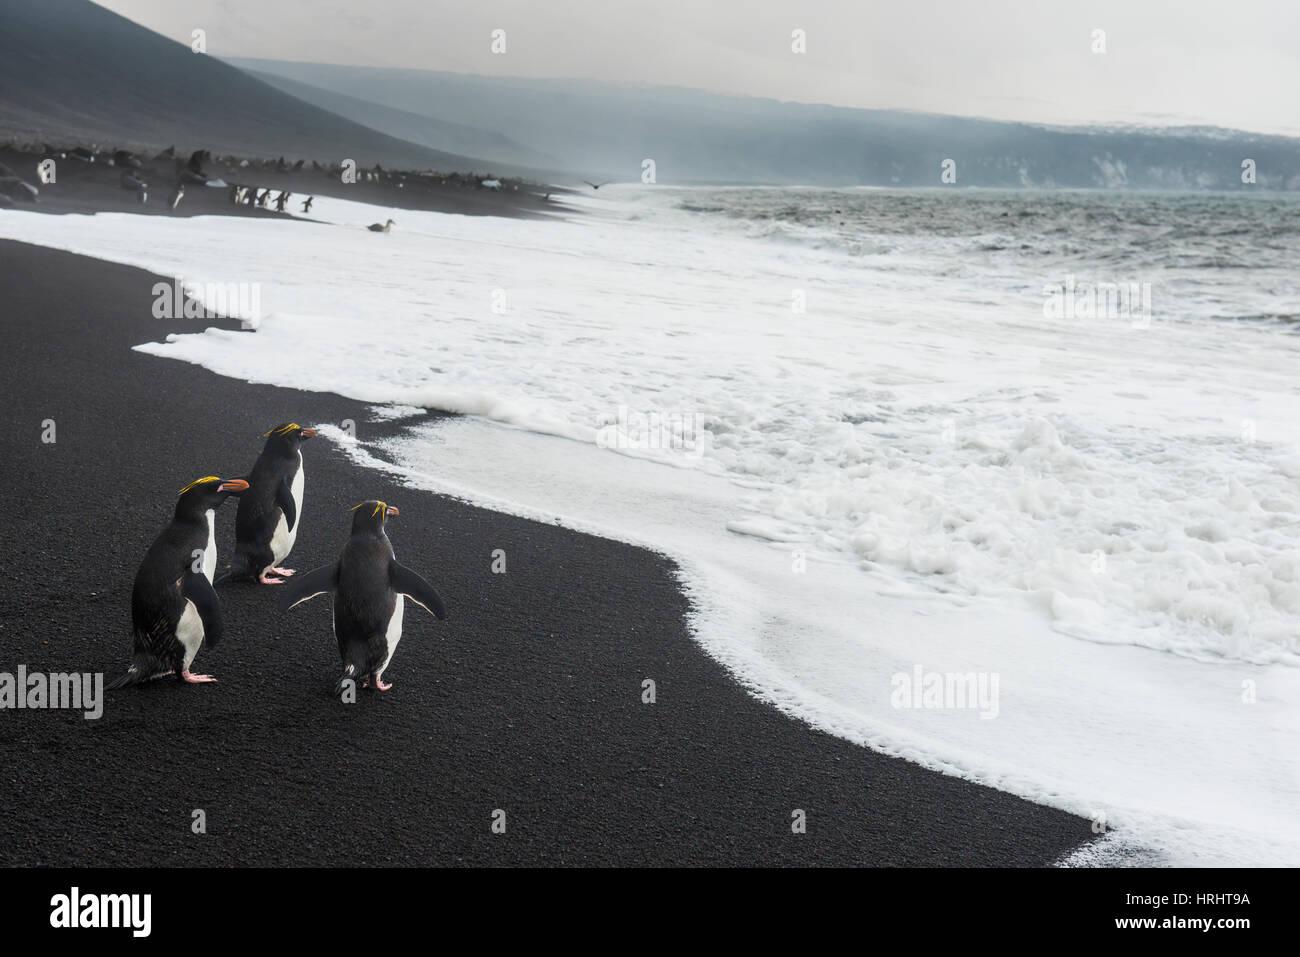 Le Sud Rockhopper Penguin group (Eudyptes chrysocome), Saunders Island, îles Sandwich du Sud, l'Antarctique, Photo Stock